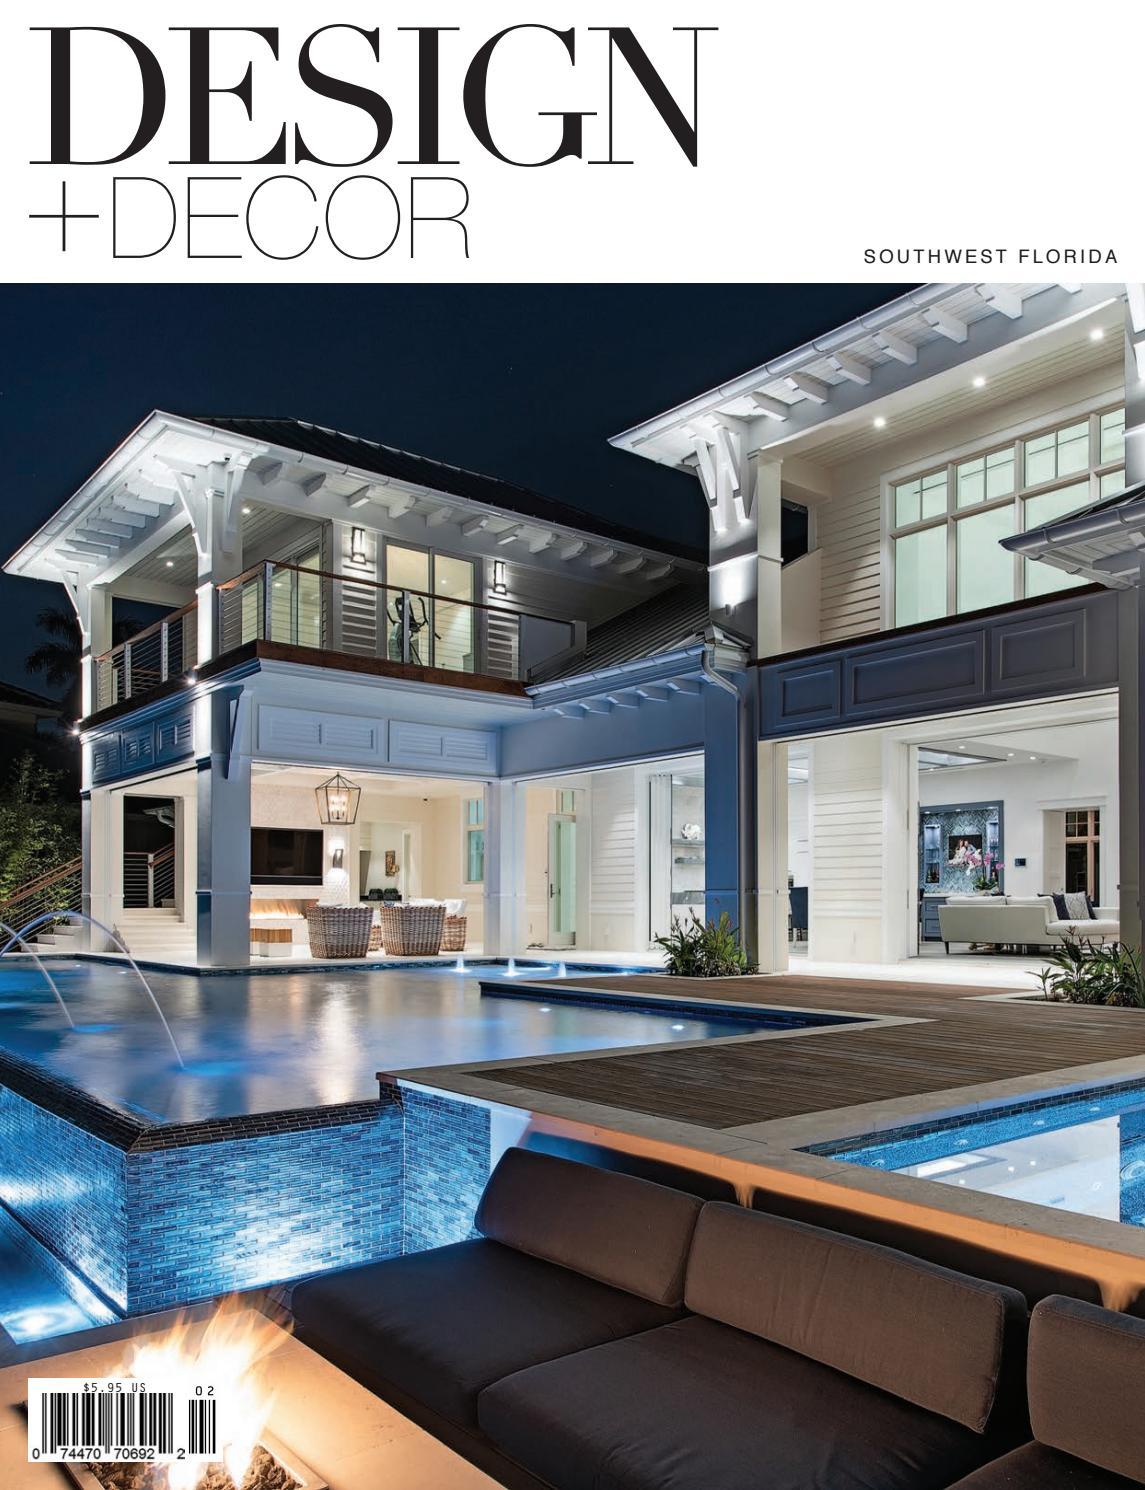 Design Decor Spring 2019 Southwest Florida By East Coast Home Publishing Issuu